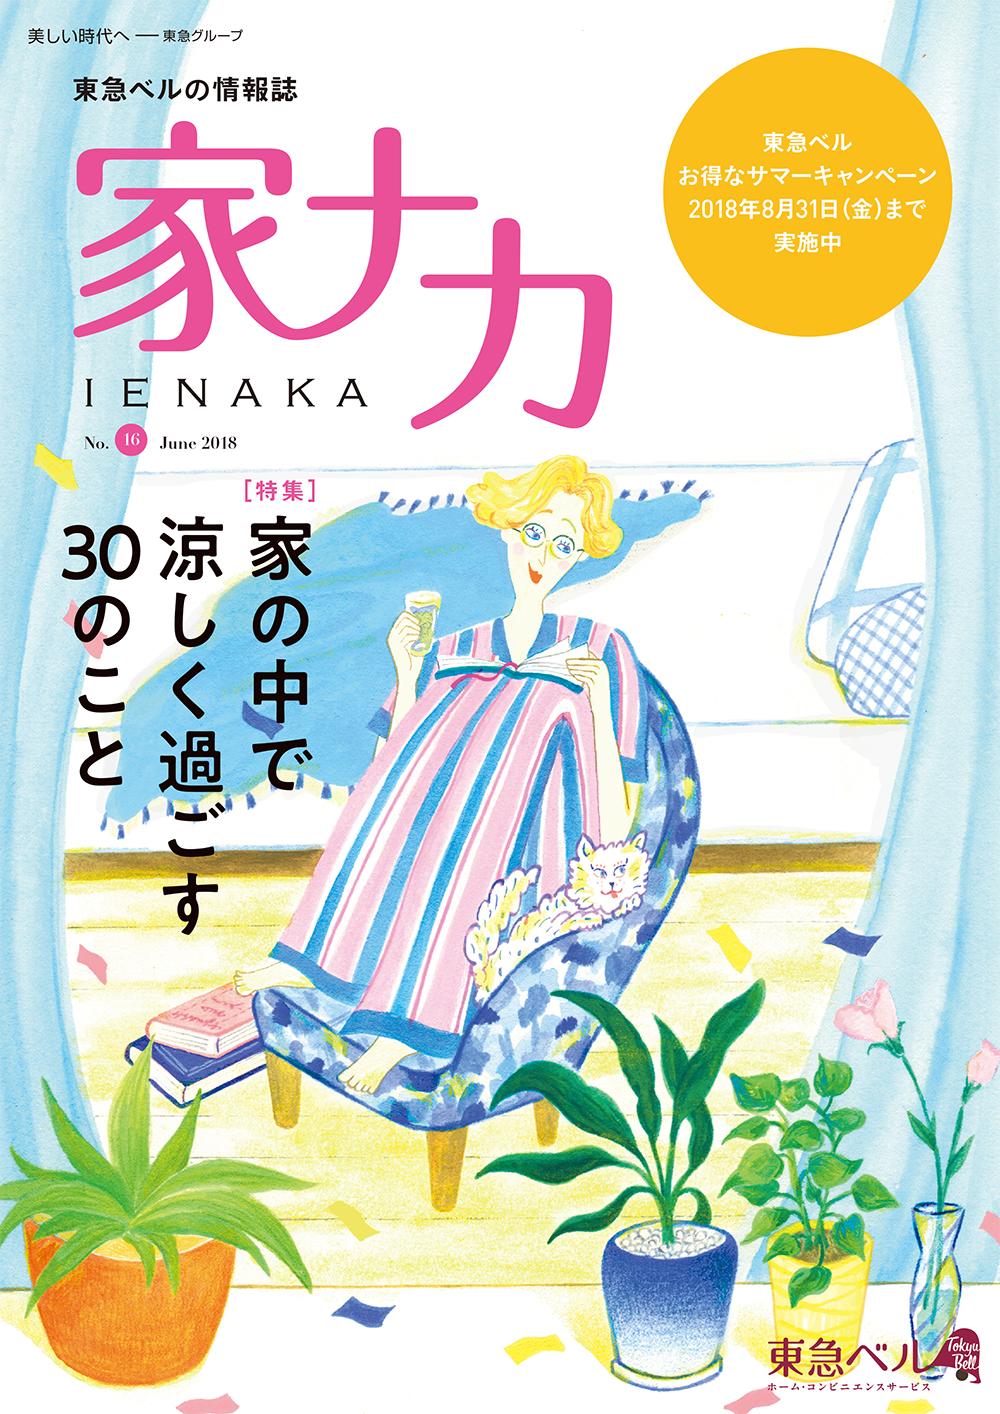 東急ベル情報誌 『家ナカ』 No.16